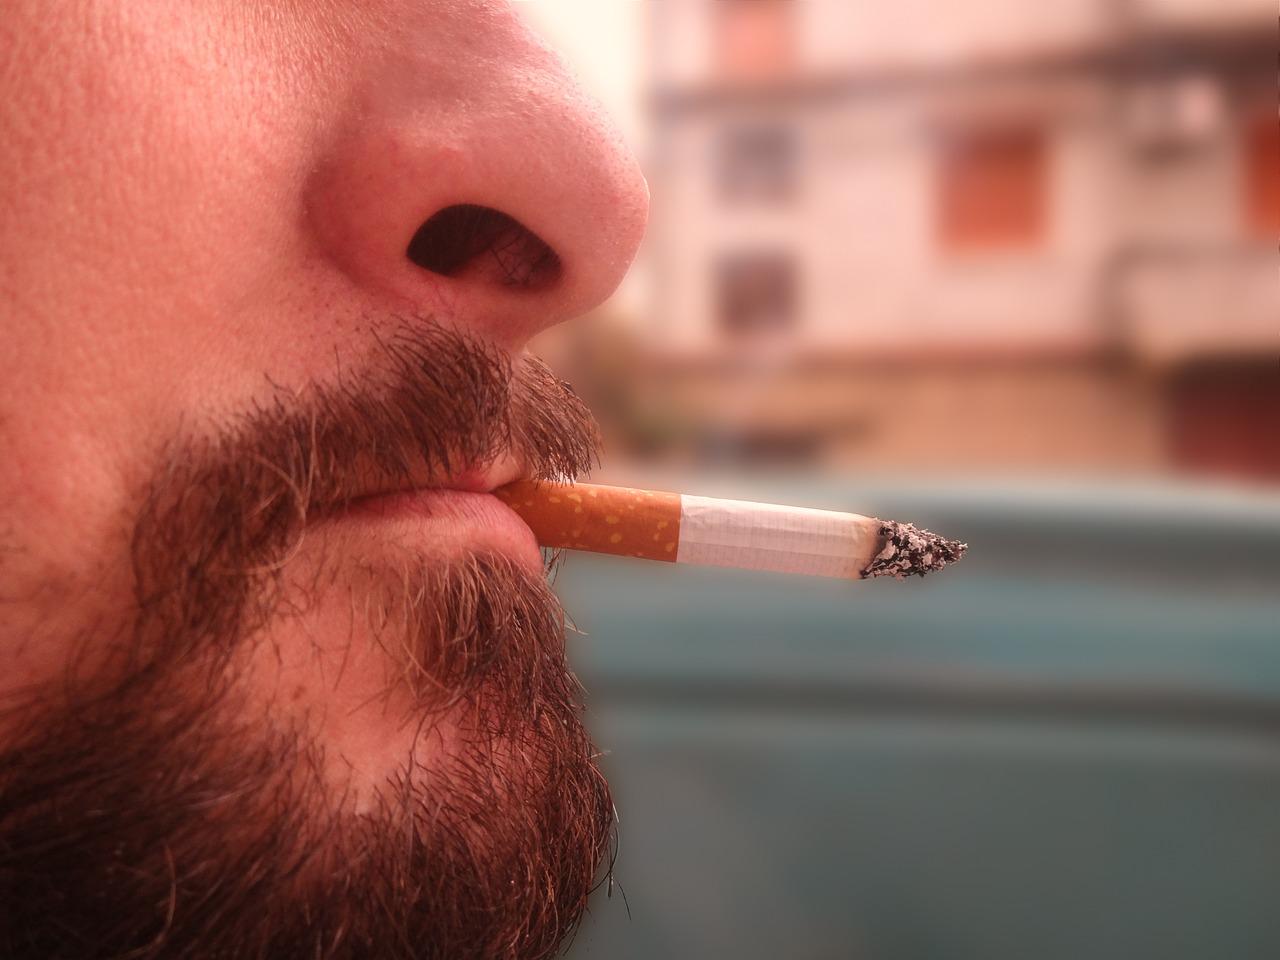 اثار التدخين على الوجه